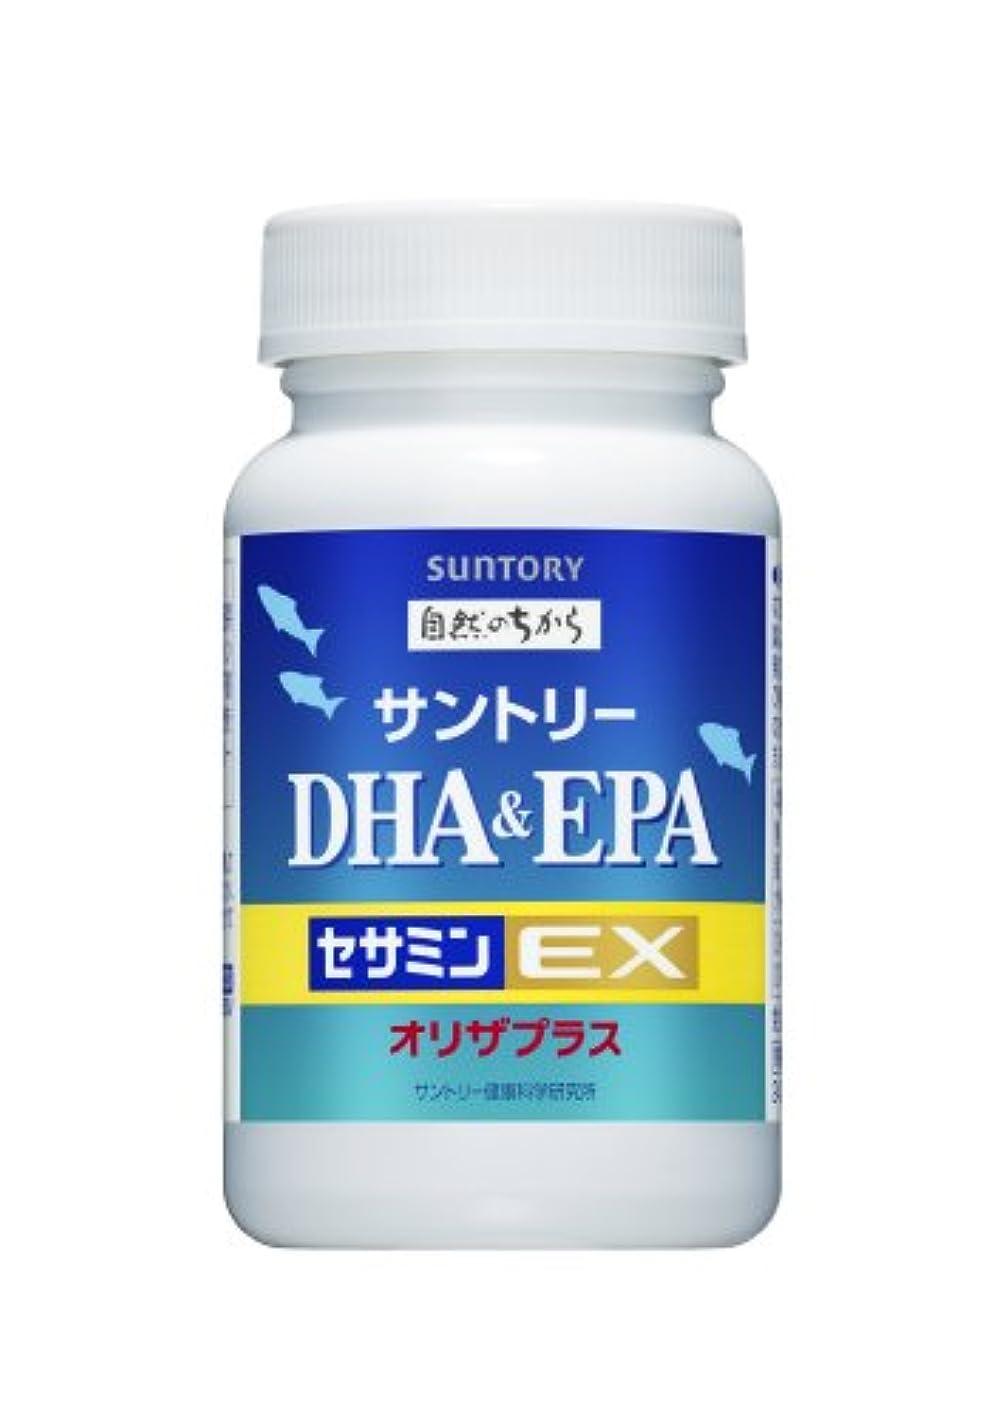 フォージ苦味振るサントリー DHA&EPA+セサミンEX 240粒